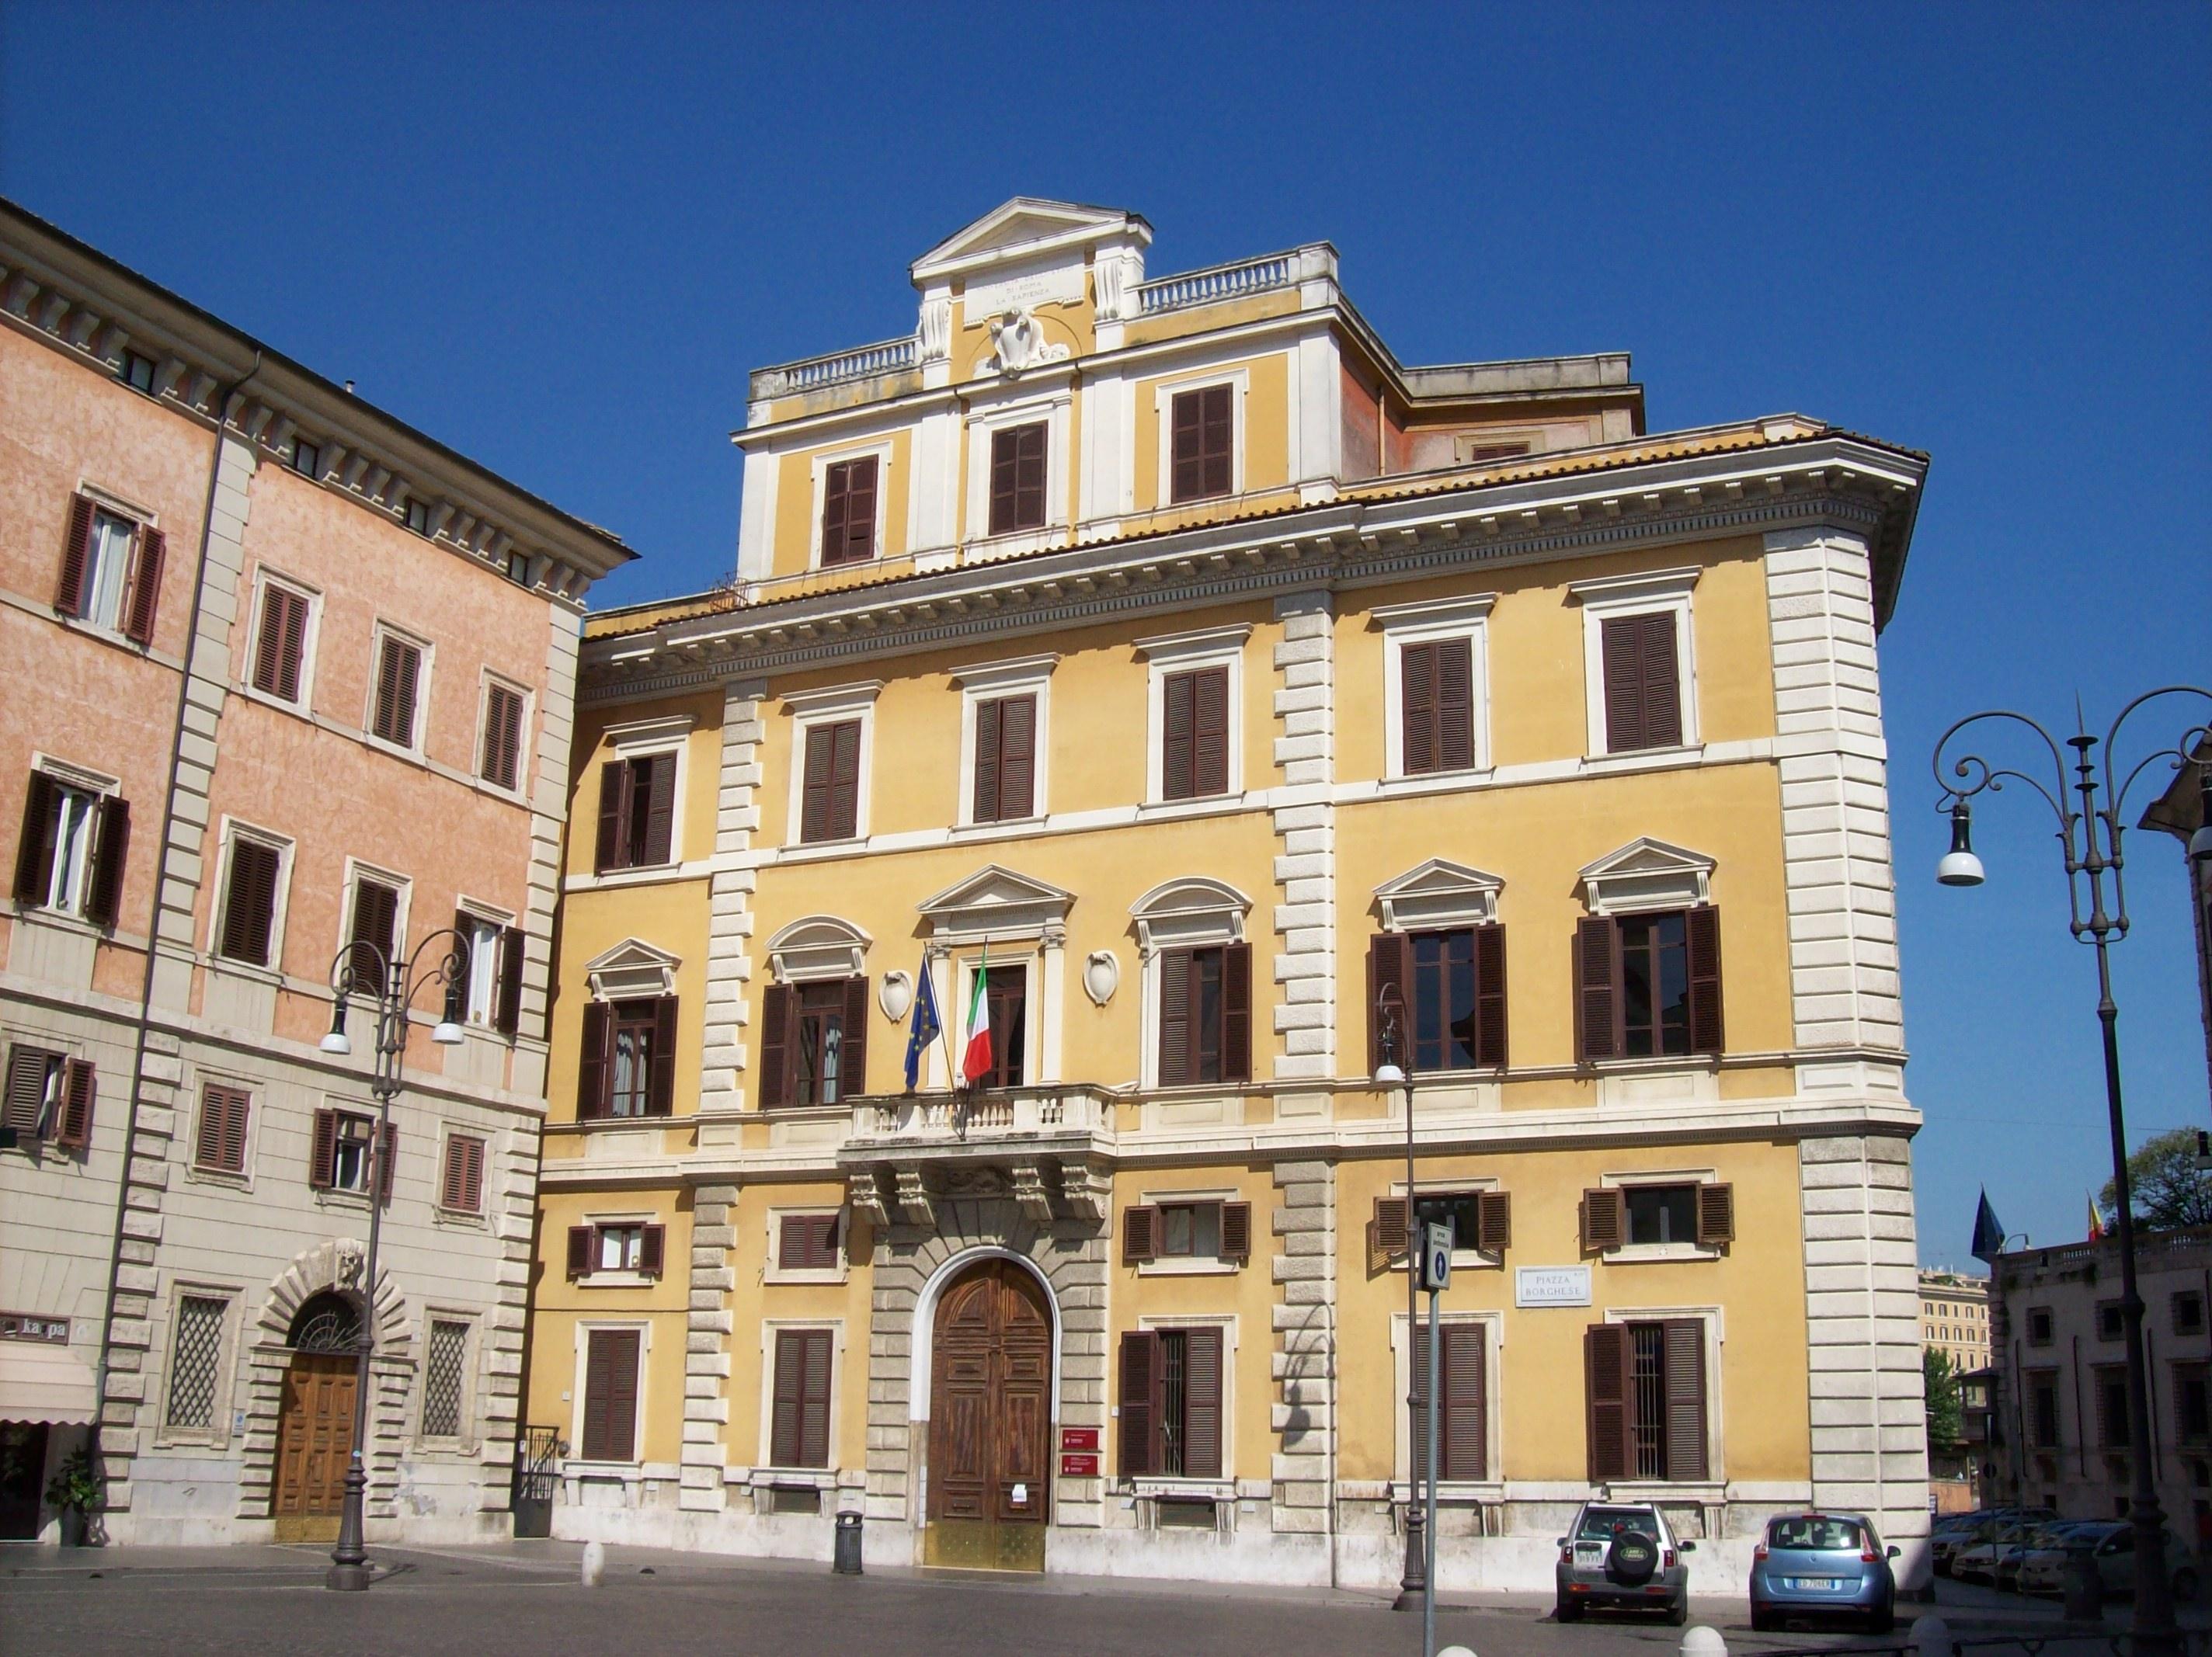 File:Roma 2011 08 07 Univ Roma 1 Facoltà Architettura Fontanella Borghese.jpg - Wikimedia Commons